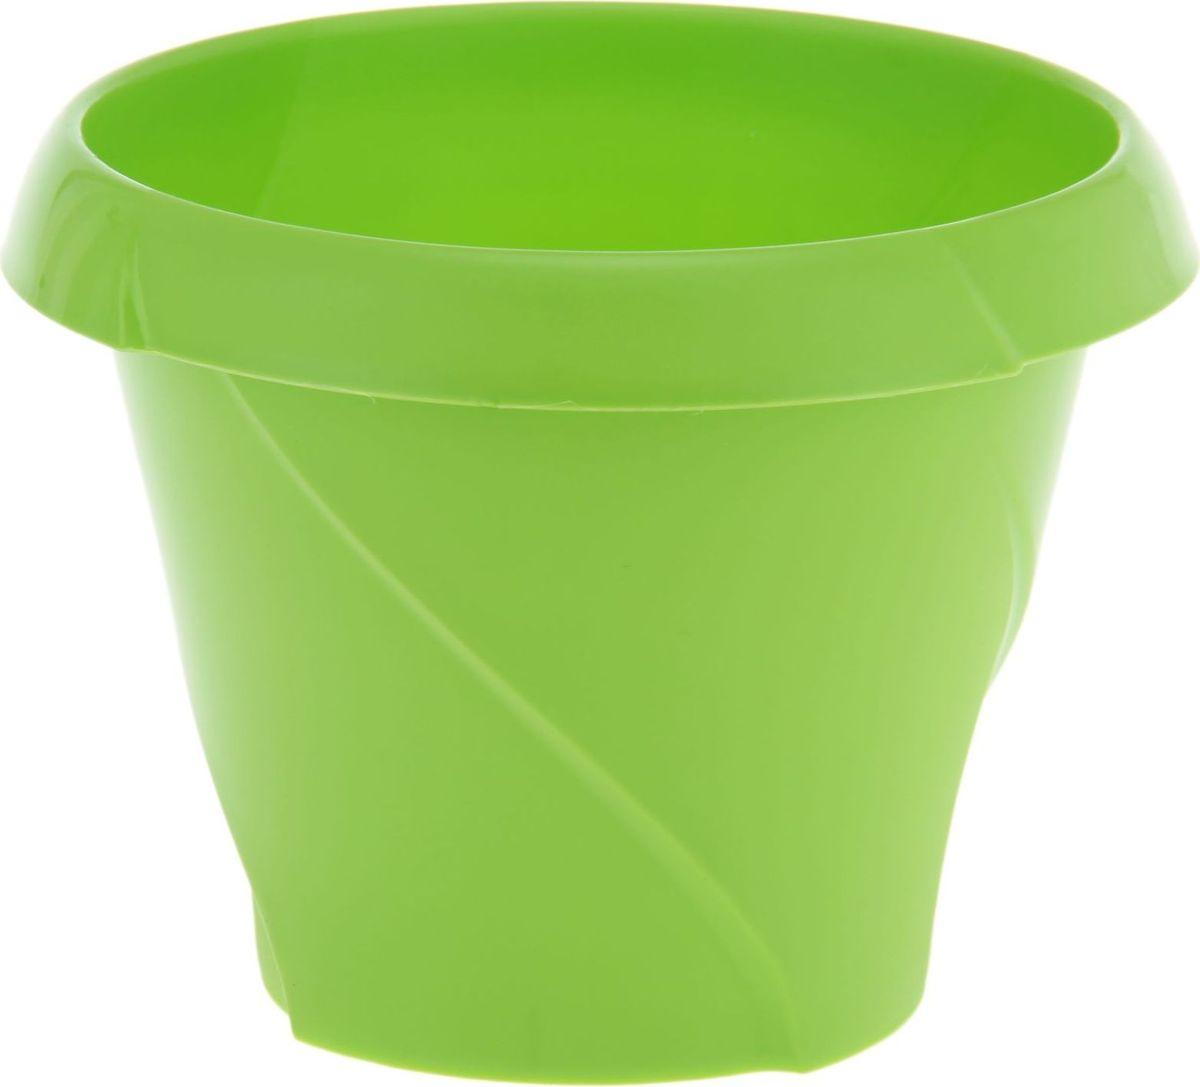 Кашпо Martika Флориана, цвет: салатовый, 0,3 лNLED-454-9W-WЛюбой, даже самый современный и продуманный интерьер будет не завершённым без растений. Они не только очищают воздух и насыщают его кислородом, но и заметно украшают окружающее пространство. Такому полезному члену семьи просто необходимо красивое и функциональное кашпо, оригинальный горшок или необычная ваза! Мы предлагаем - Кашпо 300 мл Флориана, d=10 см, цвет салатовый! Оптимальный выбор материала пластмасса! Почему мы так считаем? -Малый вес. С лёгкостью переносите горшки и кашпо с места на место, ставьте их на столики или полки, подвешивайте под потолок, не беспокоясь о нагрузке. -Простота ухода. Пластиковые изделия не нуждаются в специальных условиях хранения. Их легко чистить достаточно просто сполоснуть тёплой водой. -Никаких царапин. Пластиковые кашпо не царапают и не загрязняют поверхности, на которых стоят. -Пластик дольше хранит влагу, а значит растение реже нуждается в поливе. -Пластмасса не пропускает воздух корневой системе растения не грозят резкие перепады температур. -Огромный выбор форм, декора и расцветок вы без труда подберёте что-то, что идеально впишется в уже существующий интерьер. Соблюдая нехитрые правила ухода, вы можете заметно продлить срок службы горшков, вазонов и кашпо из пластика: -всегда учитывайте размер кроны и корневой системы растения (при разрастании большое растение способно повредить маленький горшок)-берегите изделие от воздействия прямых солнечных лучей, чтобы кашпо и горшки не выцветали-держите кашпо и горшки из пластика подальше от нагревающихся поверхностей. Создавайте прекрасные цветочные композиции, выращивайте рассаду или необычные растения, а низкие цены позволят вам не ограничивать себя в выборе.